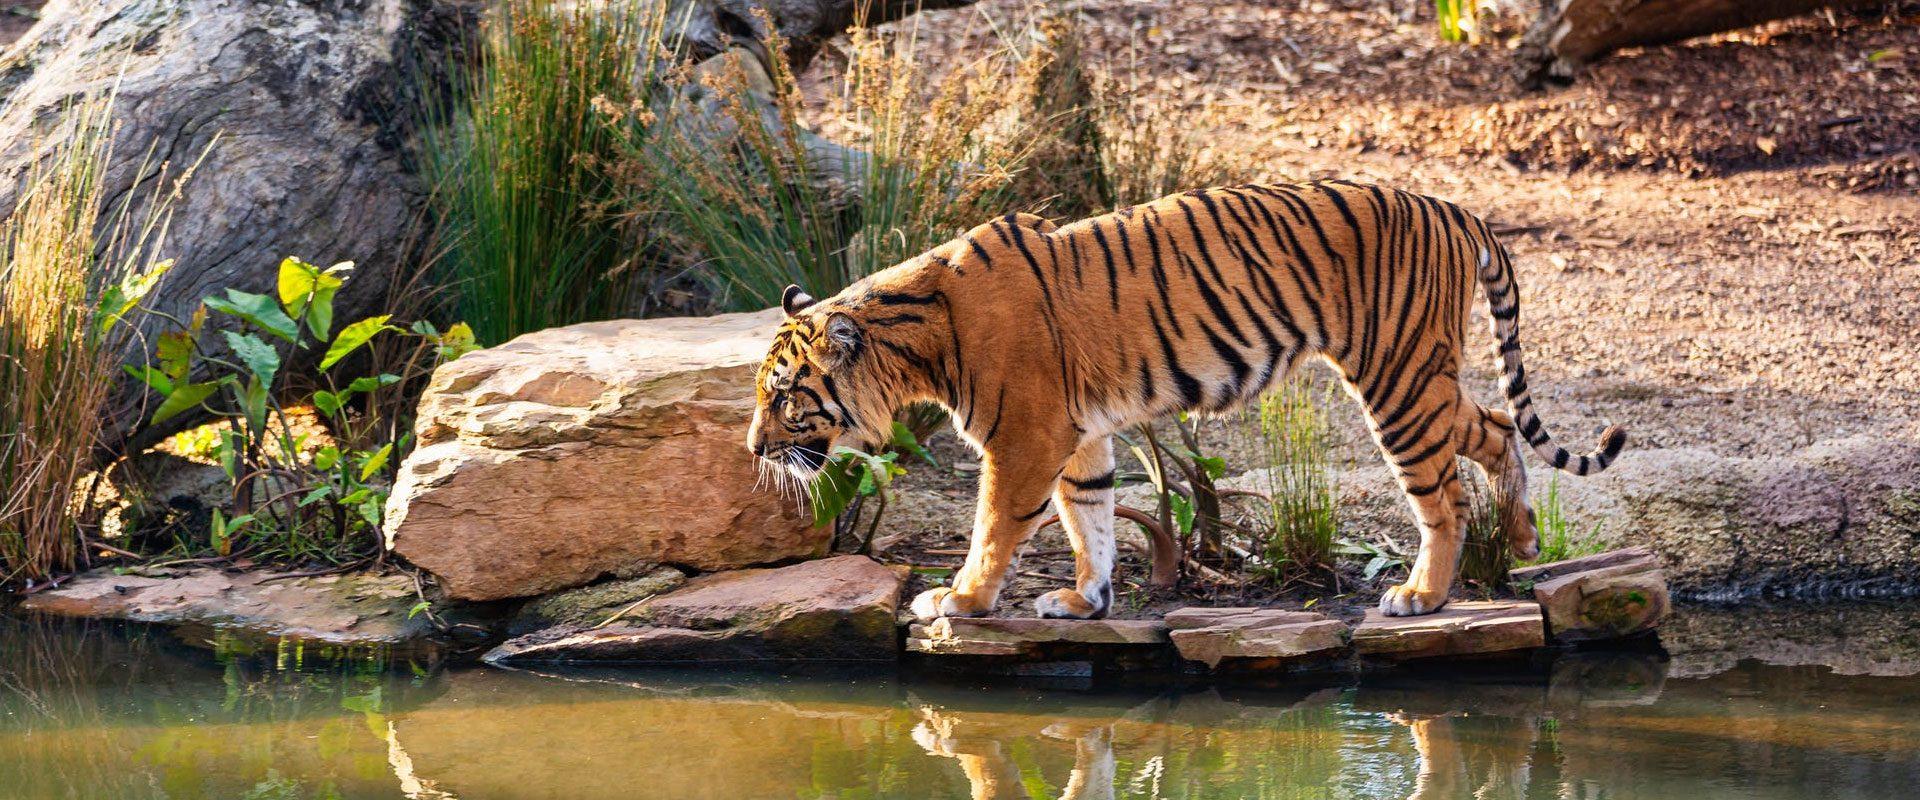 tiger_new